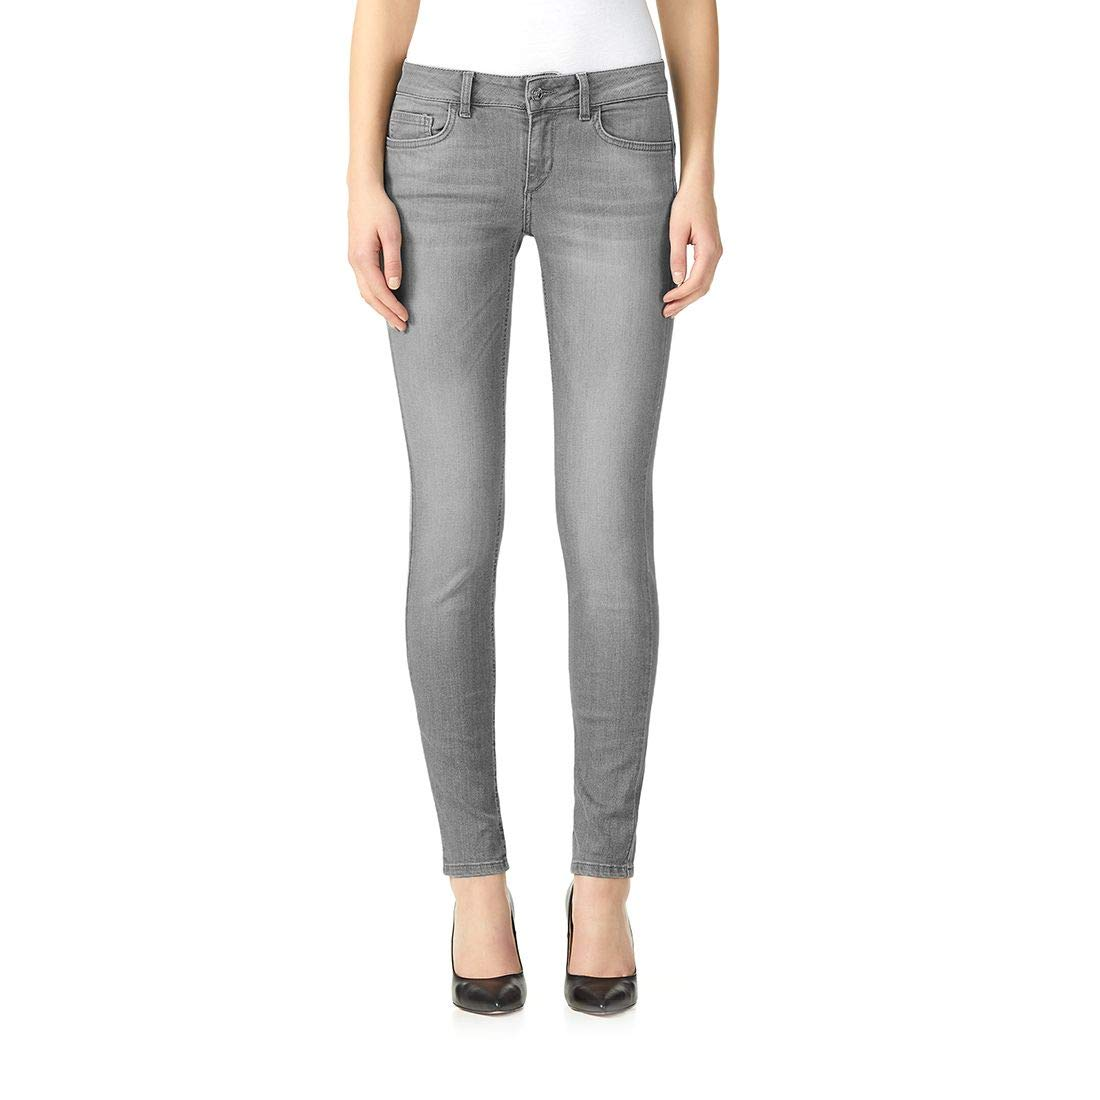 Liu Jo Women's U19055D425187199 Grey Cotton Jeans